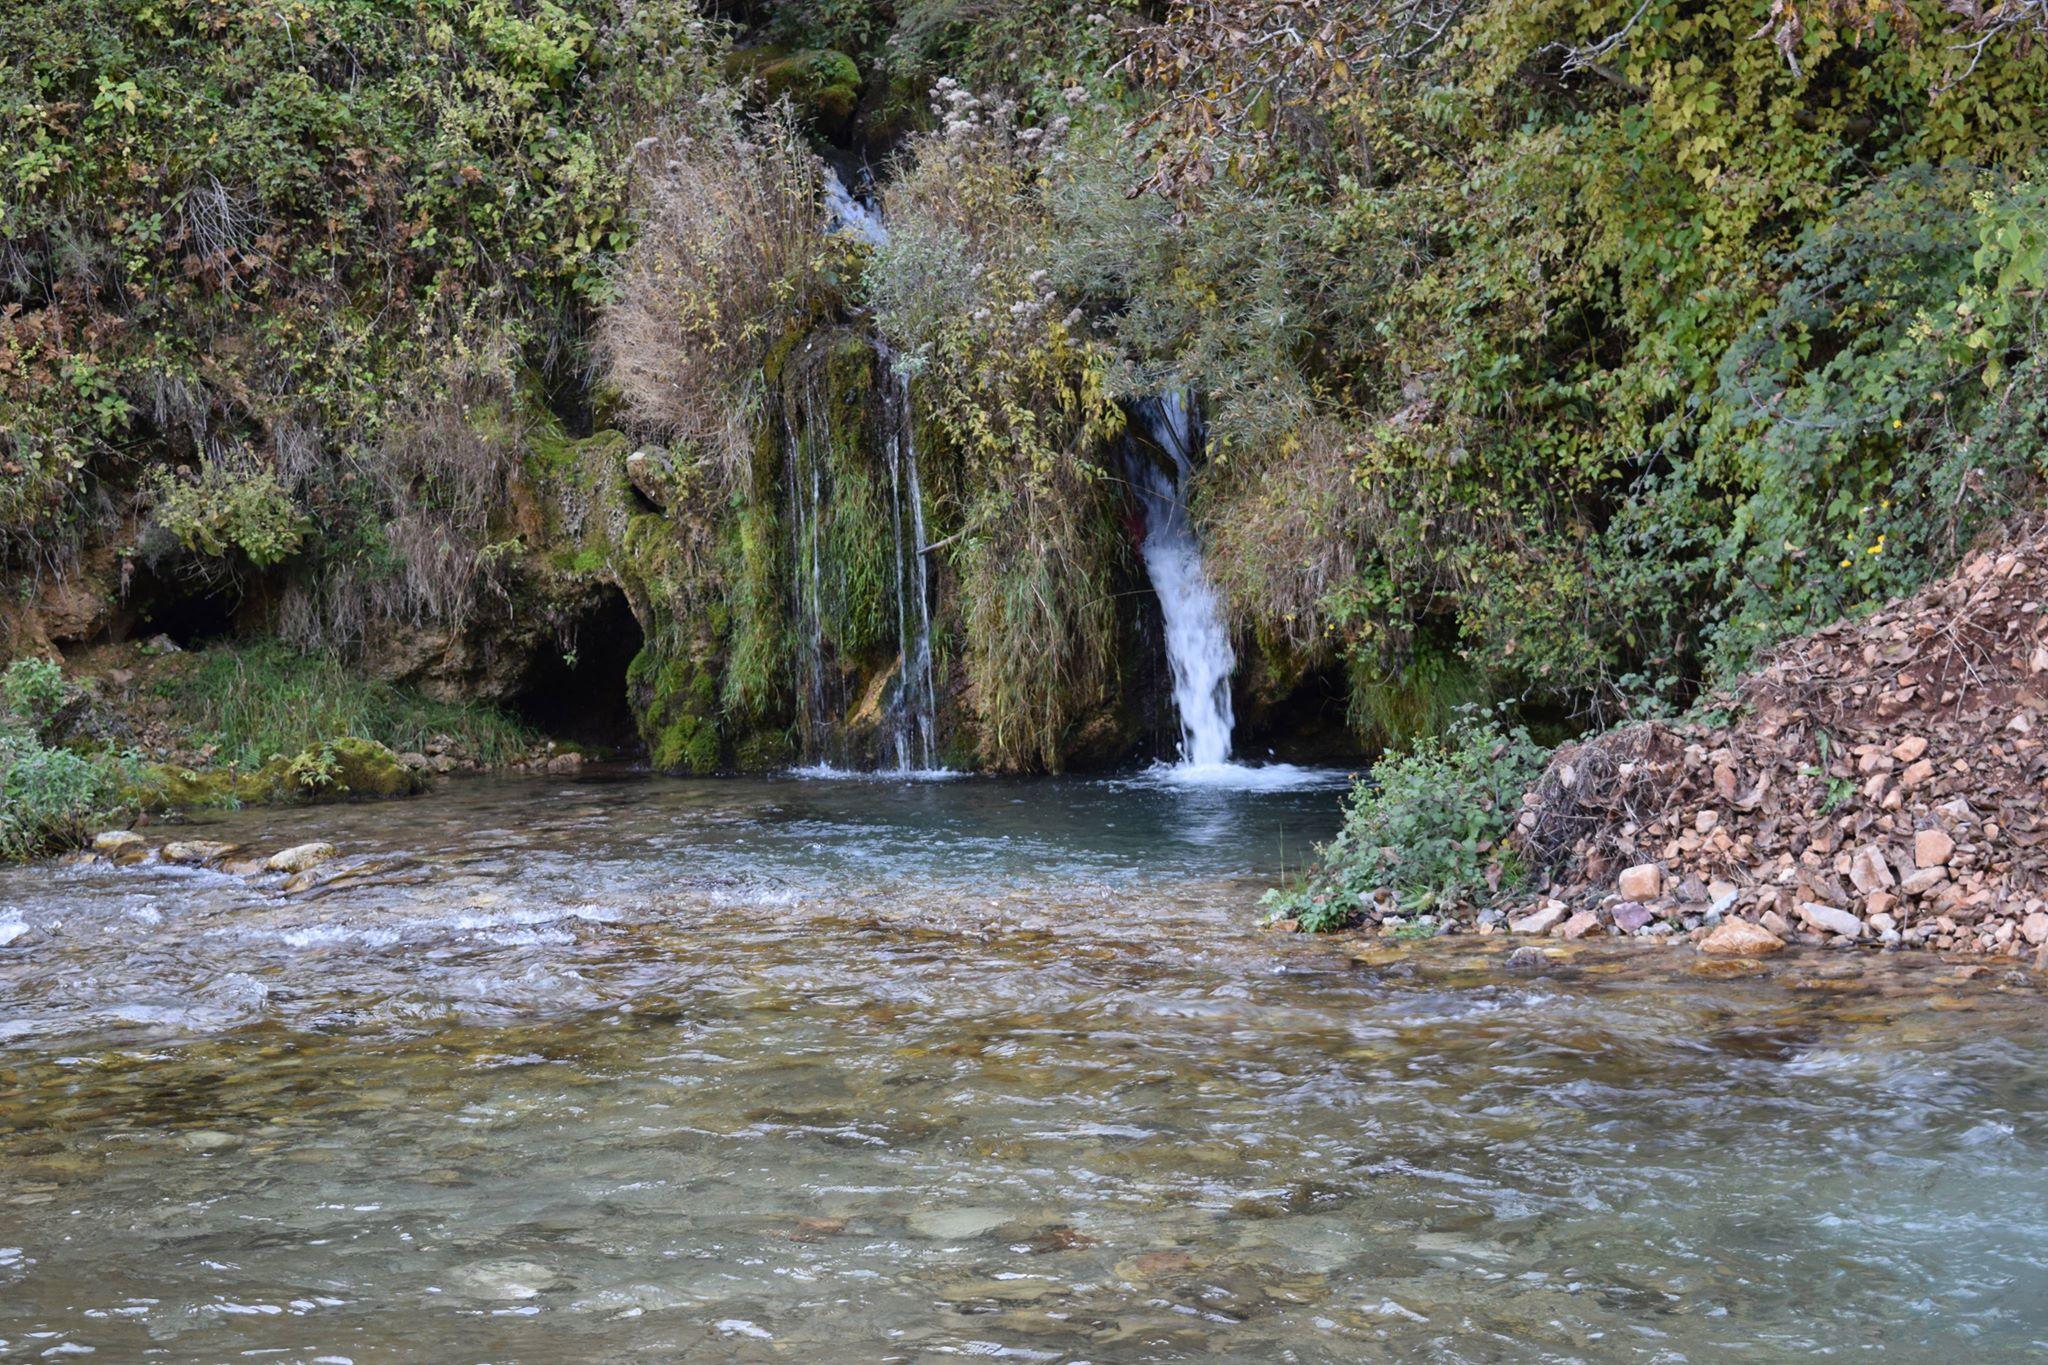 Kjo bukuri në lumin Seta rrezikon të shkatërrohet me ndërtimin e hecit SETA 4. Foto: Geri Emiri